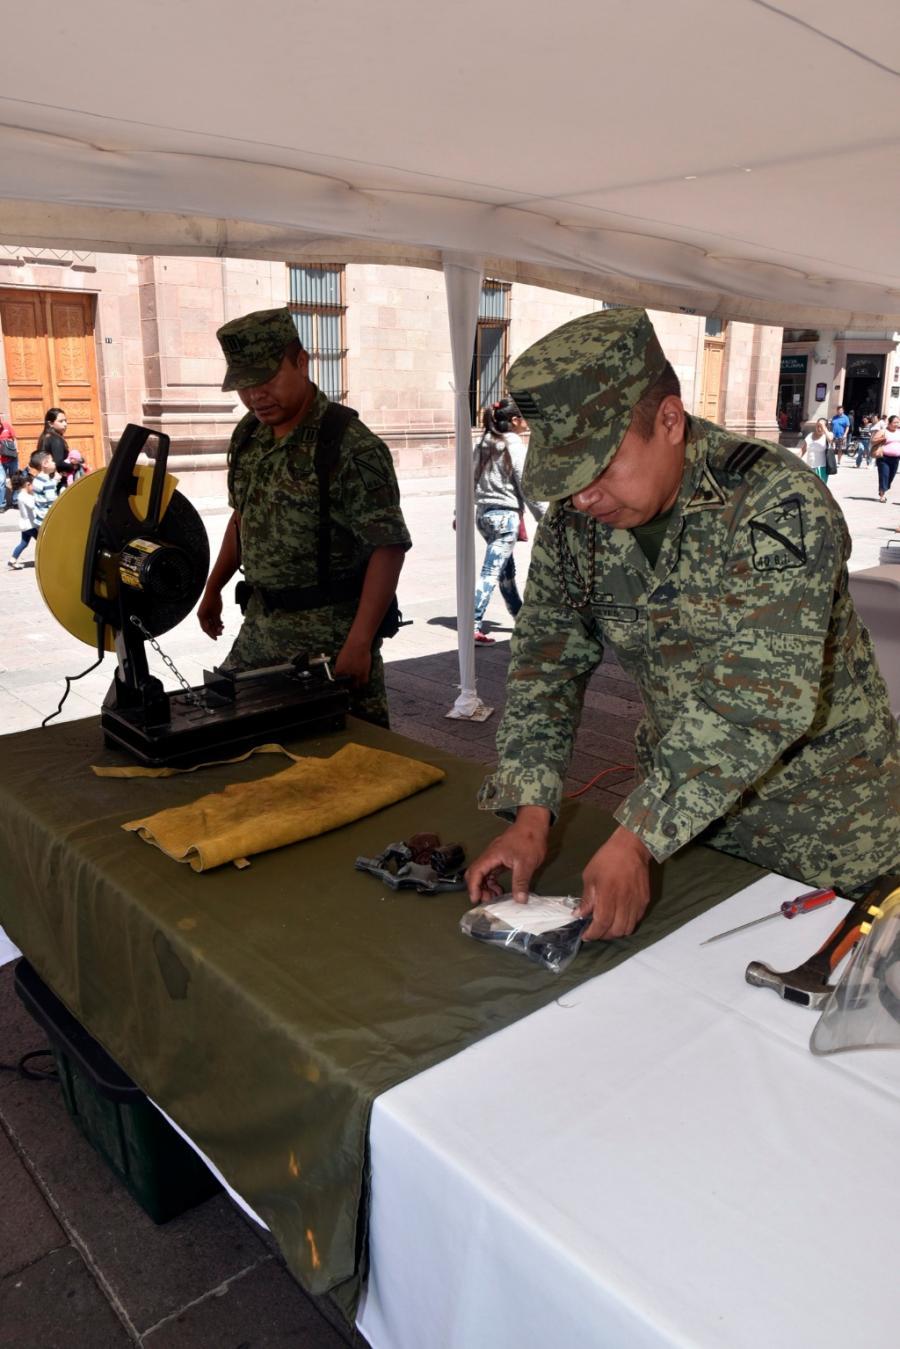 LA SEDENA INICIA LA CAMPAÑA DE CANJE DE ARMAS EN EL ESTADO DE SAN LUIS POTOSÍ